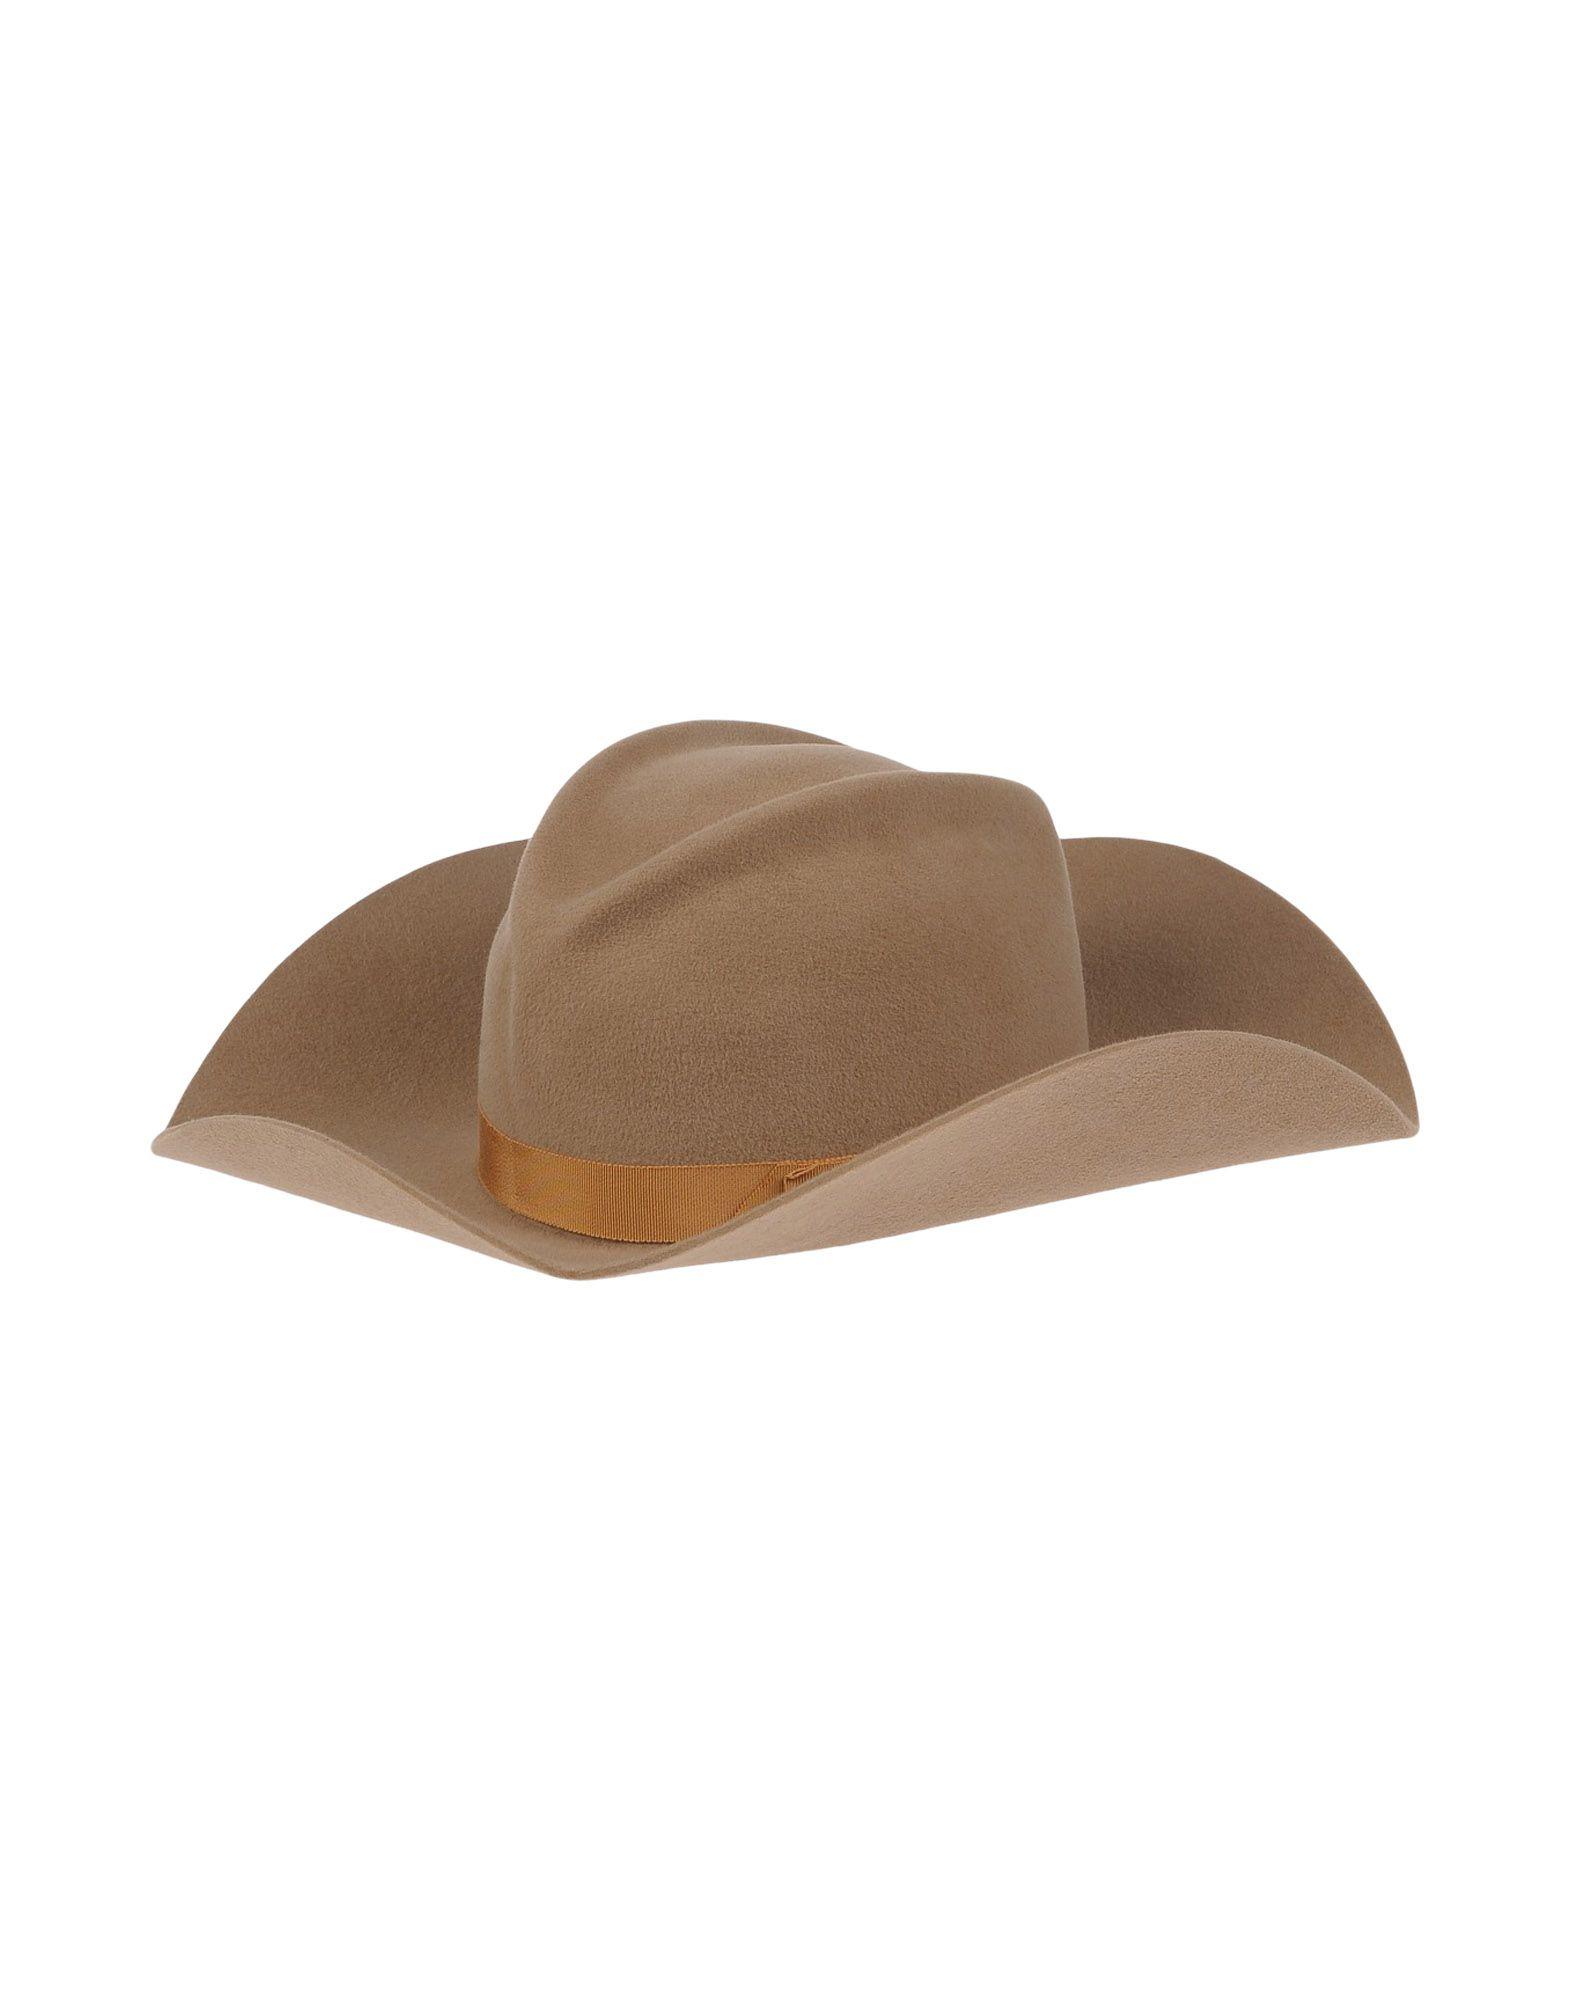 GLADYS TAMEZ Головной убор chaos шапка gladys малиновый